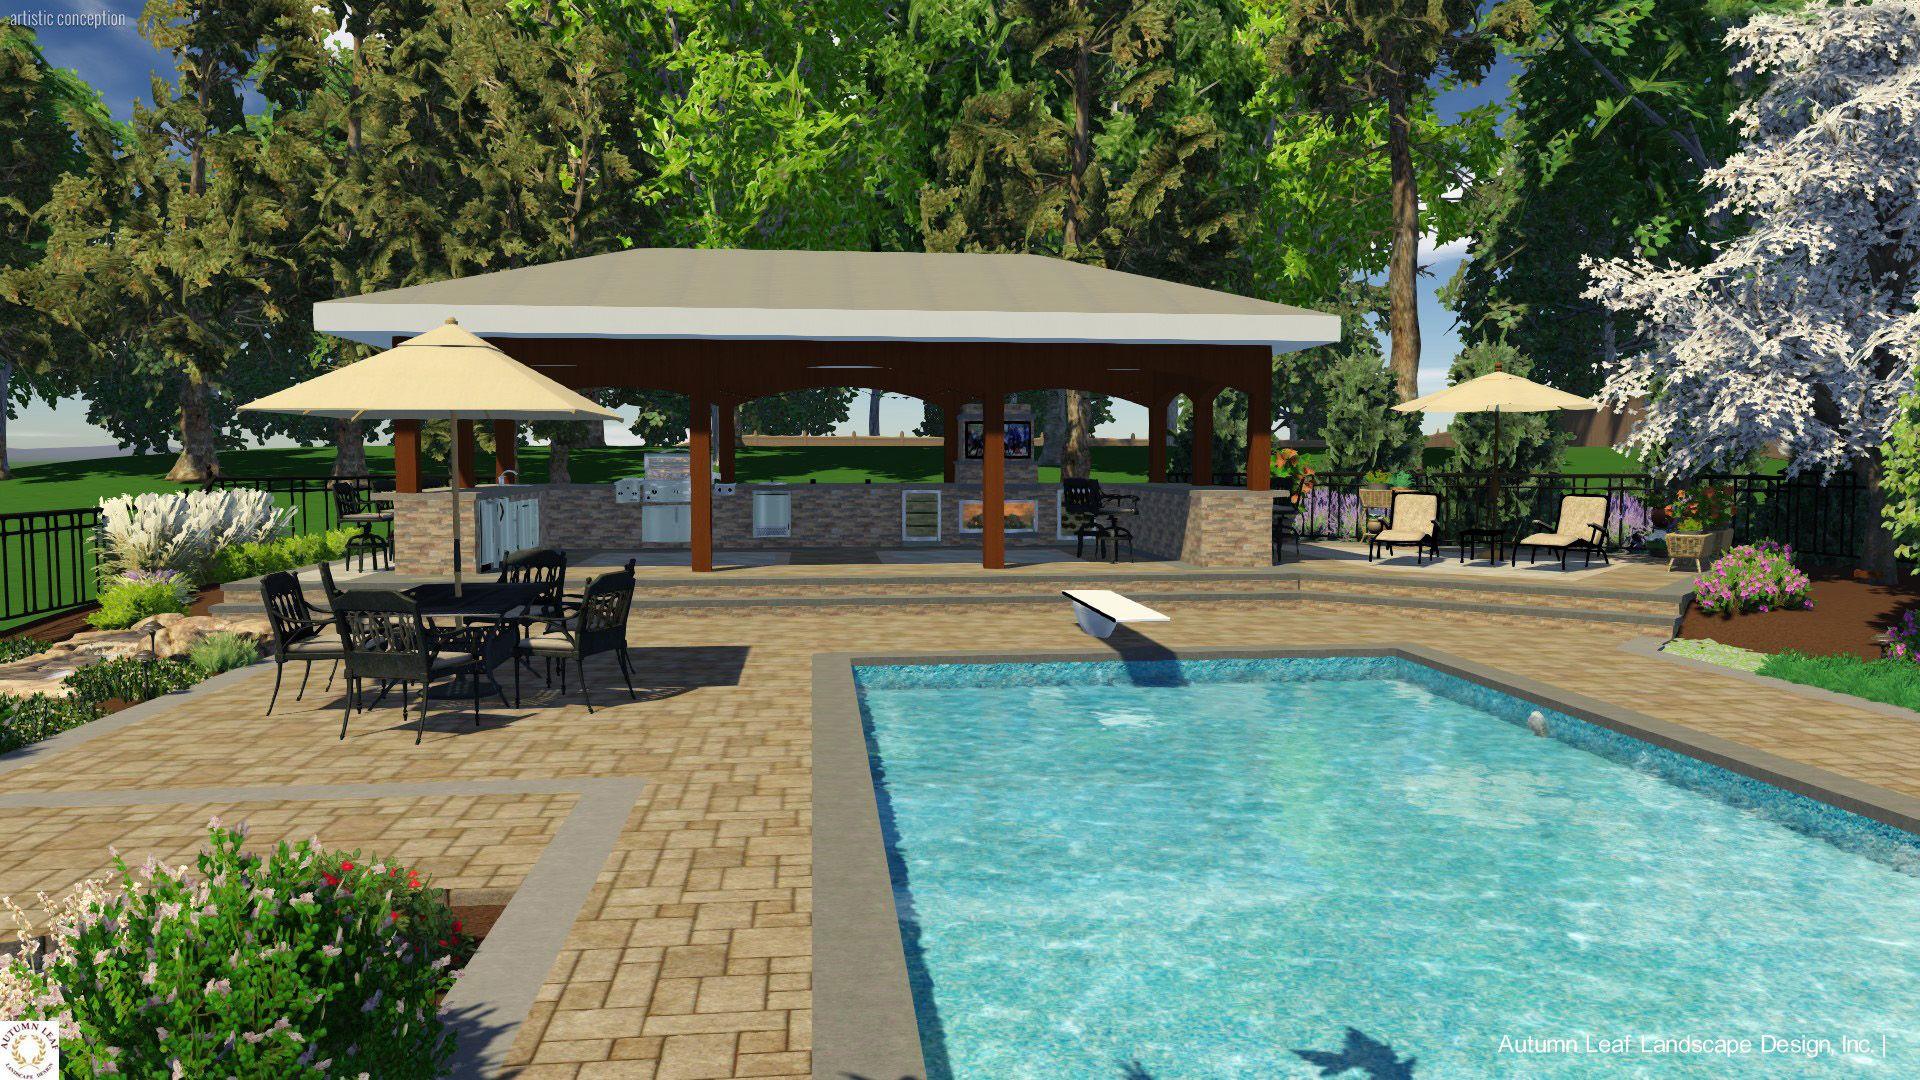 Pool Patio & Pavilion 3D Landscape Design Brookville NY